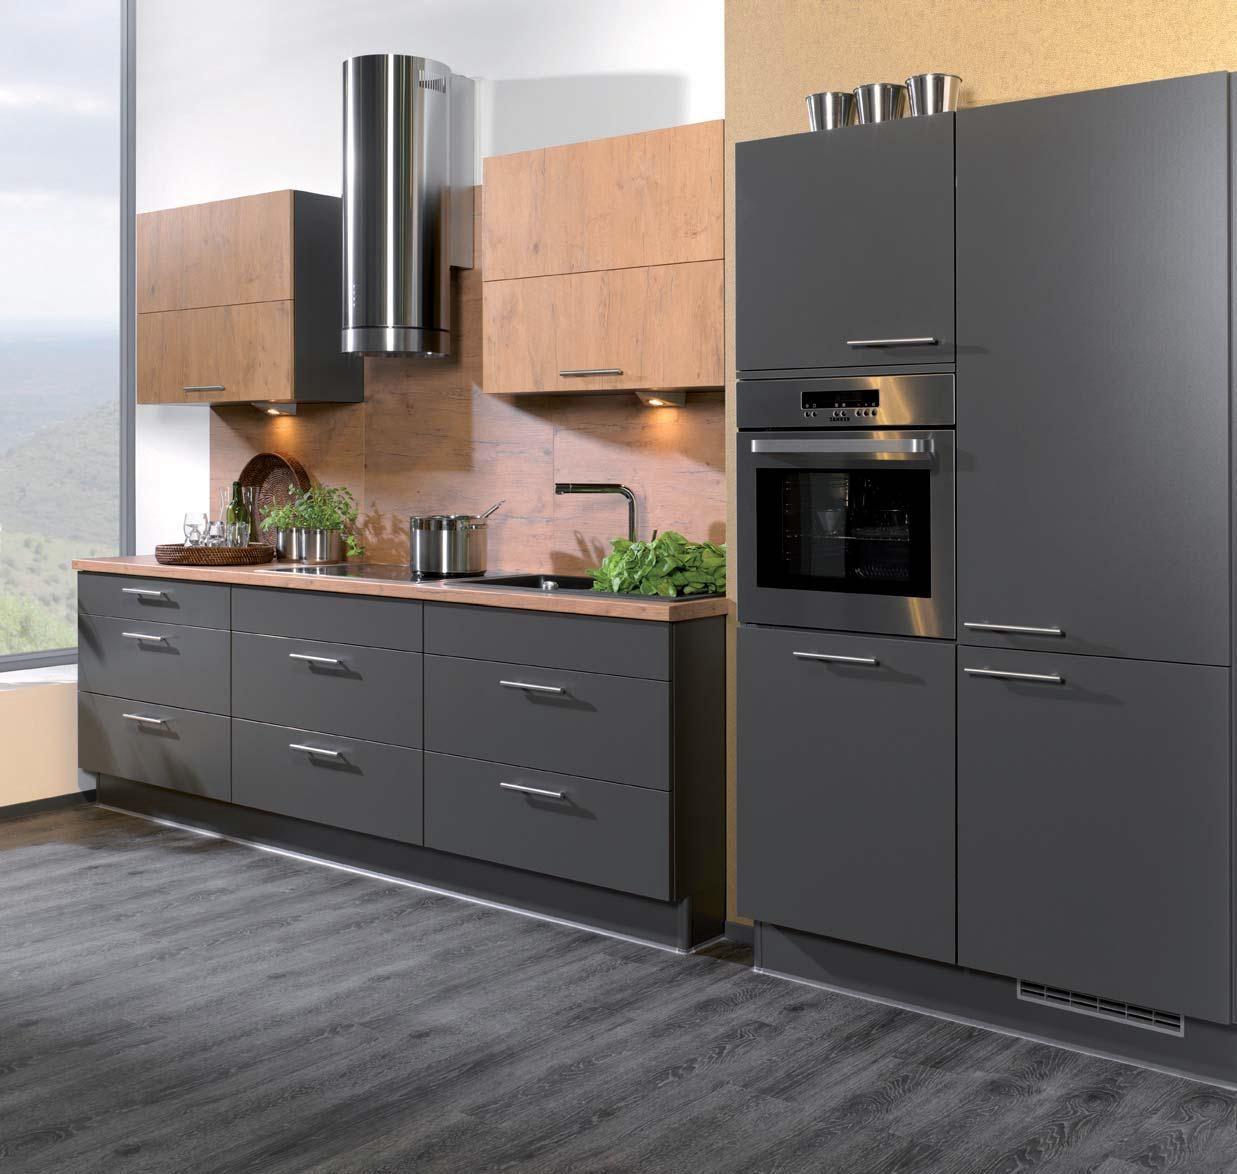 die besten 25 poco dom ne k chen ideen auf pinterest wohnwand wei hochglanz tv m bel eiche. Black Bedroom Furniture Sets. Home Design Ideas